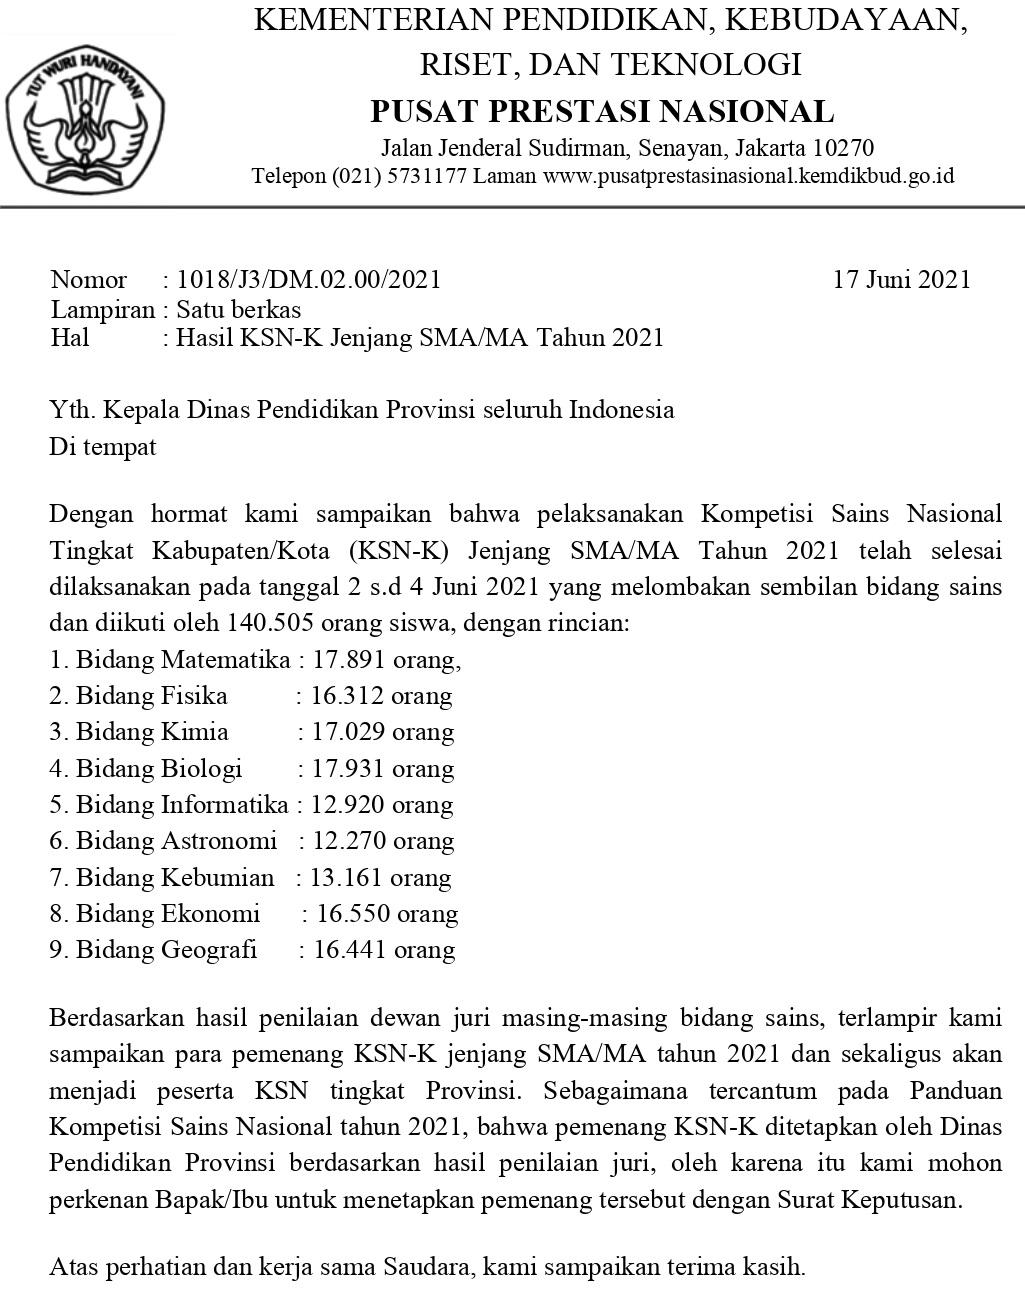 Kompetisi Sains Nasional Tingkat Kabupaten/Kota (KSN-K) Jenjang SMA/MA Tahun 2021